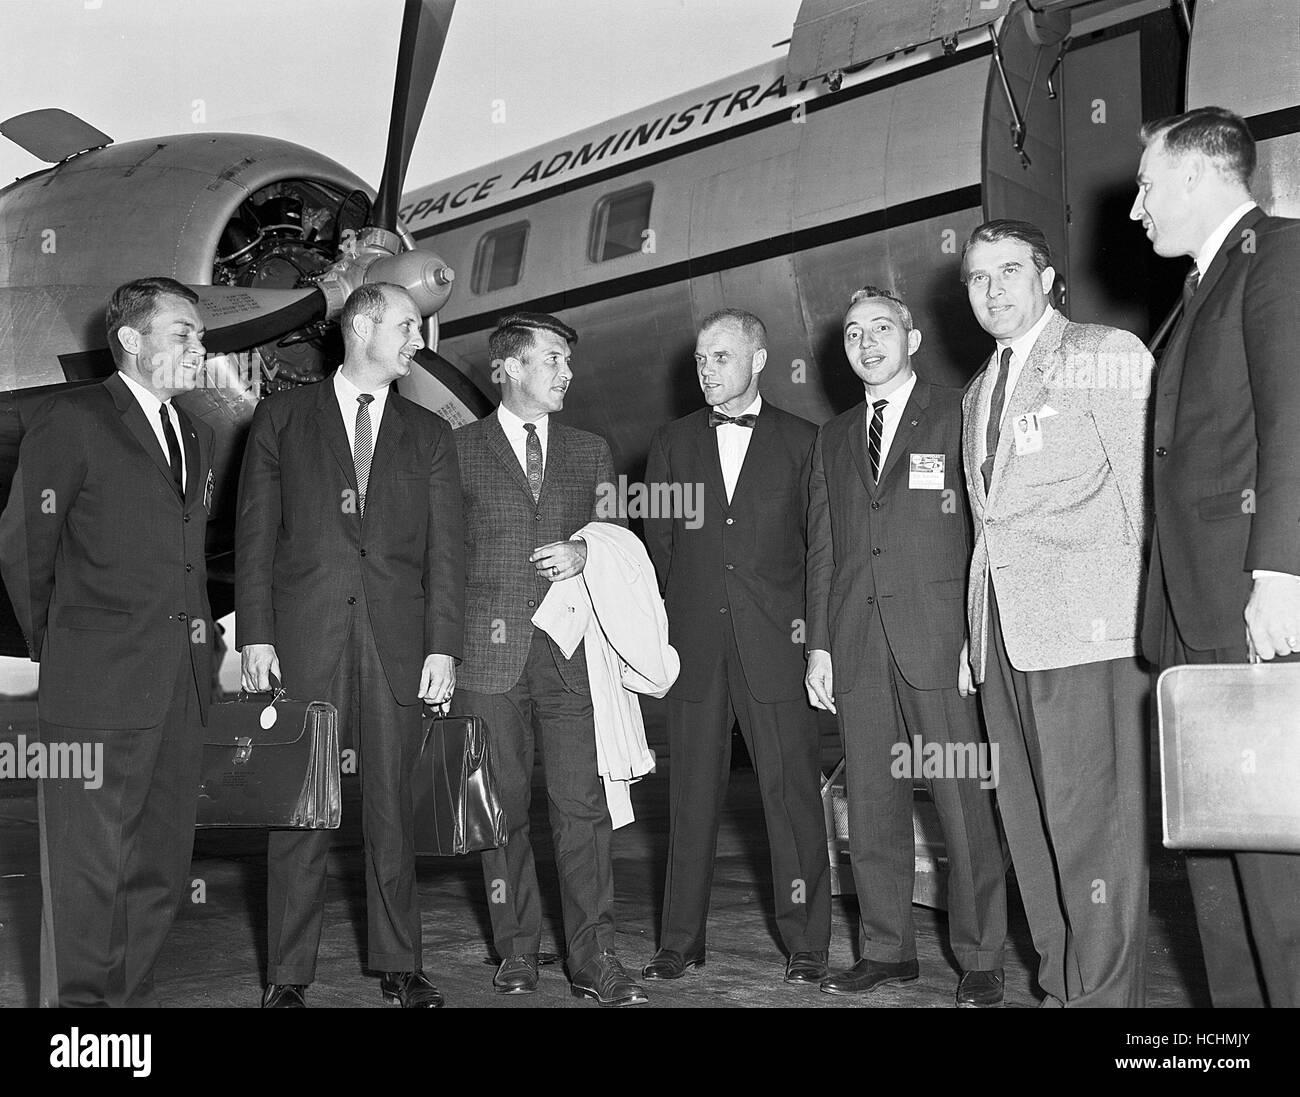 Vertreter aus NASA-Hauptquartier und die Astronauten trafen sich oft mit Dr. Wernher von Braun in Huntsville, Alabama. Dieses Foto wurde im September 1962 bei einem solchen Besuch aufgenommen. Von links nach rechts sind Elliott See, Tom Stafford, Wally Schirra, John Glenn, Brainerd Holmes, Dr. von Braun und Jim Lovell.Credit: NASA über CNP /MediaPunch Stockfoto